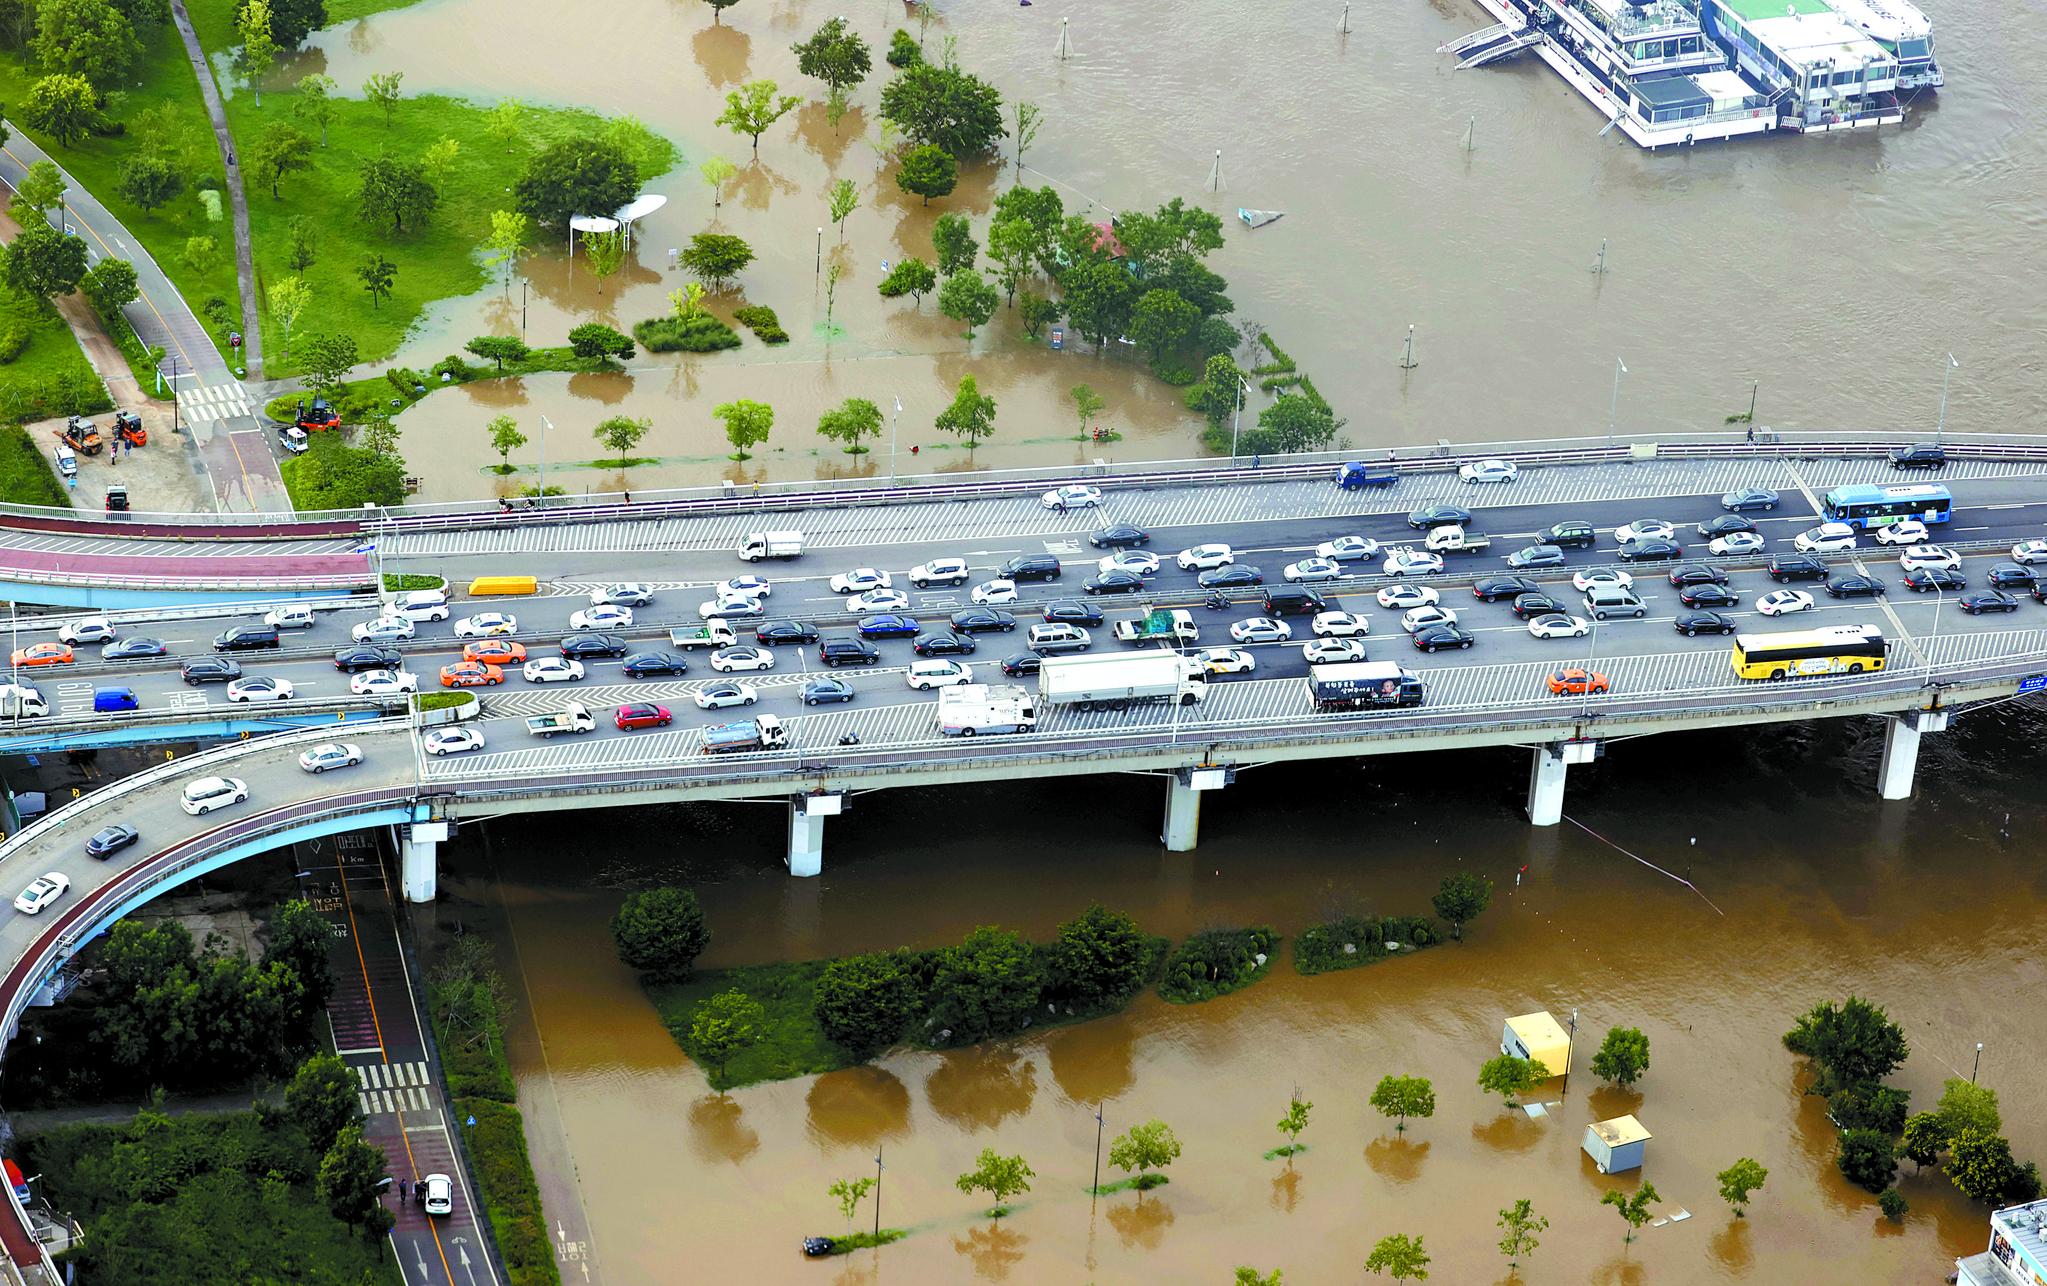 팔당댐과 소양강댐 방류로 한강 수위가 높아진 6일 오후 서울 강변북로 일부 구간이 통제됨에 따라 원효대교 위로 퇴근길 차량들이 정체를 빚고 있다. 연합뉴스